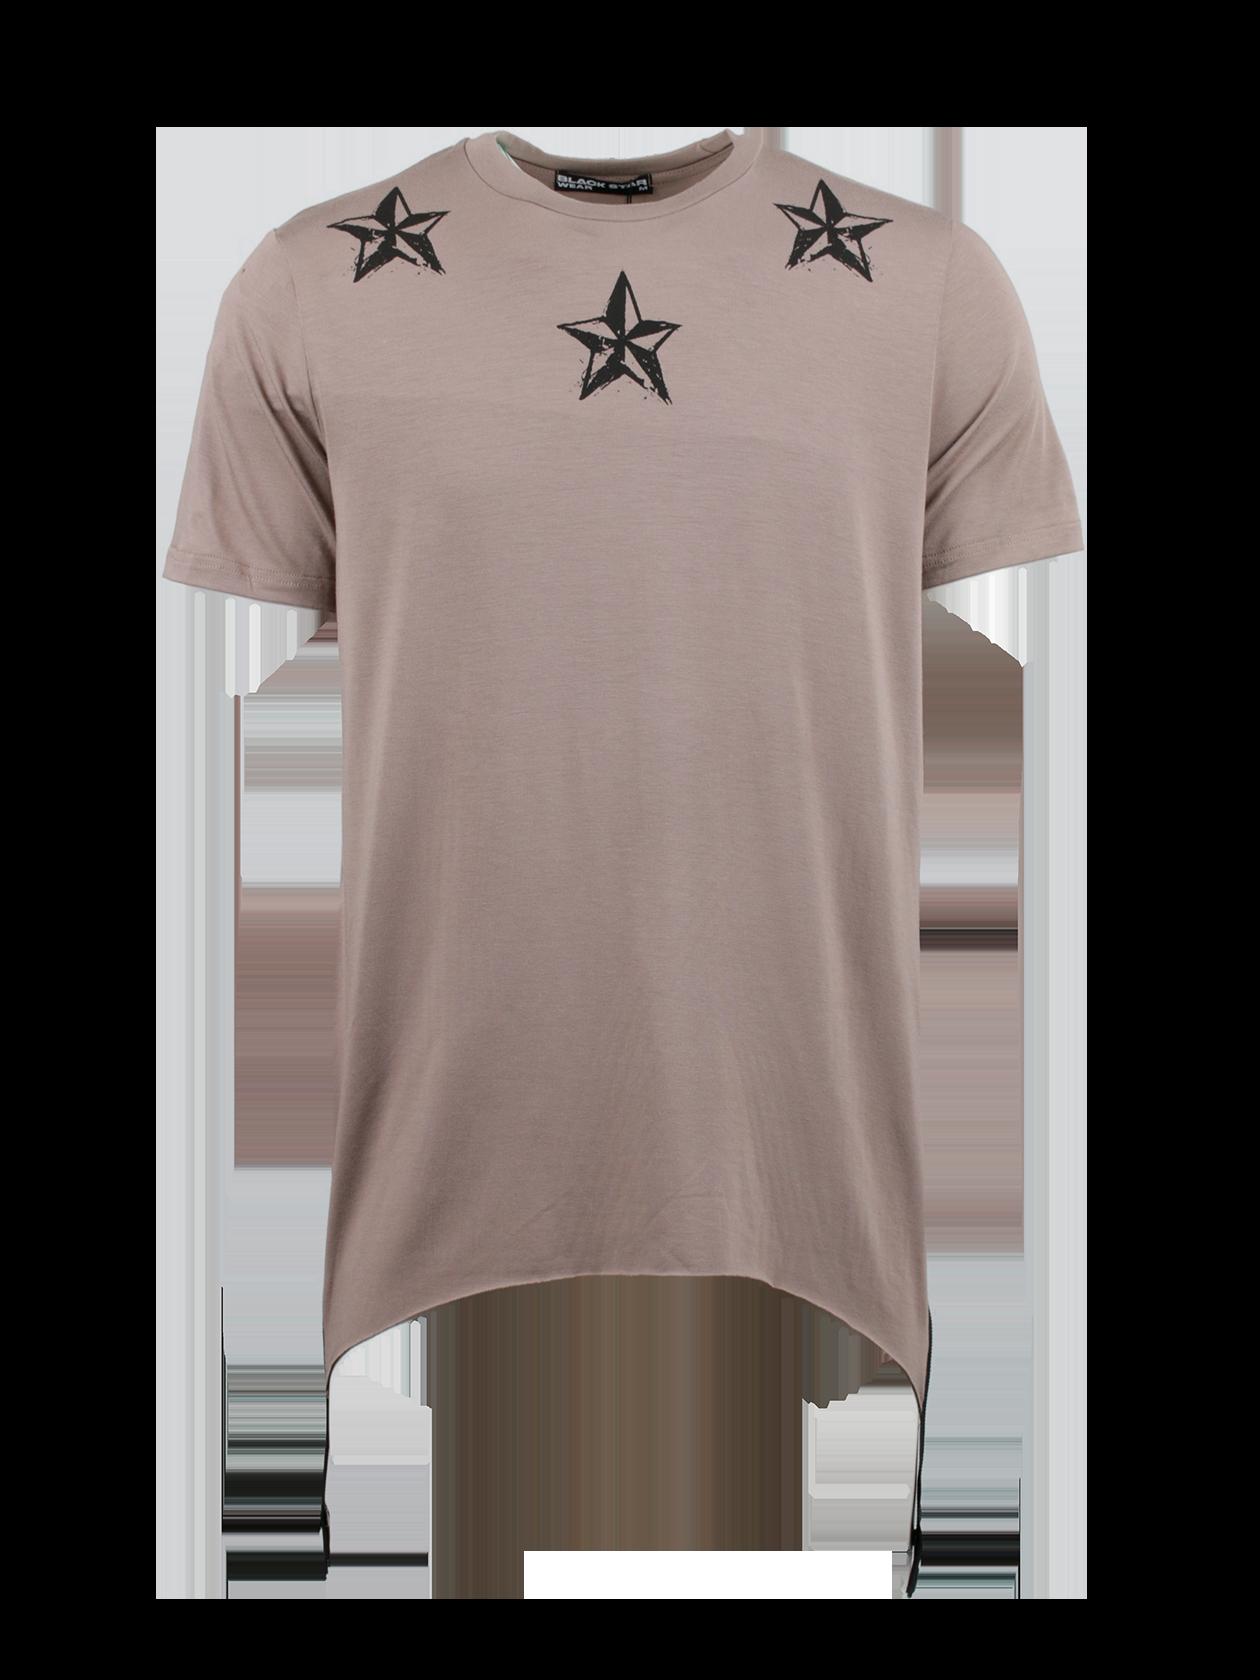 Футболка мужская REGULARМужская футболка из новой коллекции Black Star Wear. Стильная, практичная и очень качественная модель свободного кроя с коротким рукавом, а так же уникальным дизайнерским рисунком на груди в стилеBlack Star. Изделие выполнено из натурального хлопка премиального качества, что обеспечит безупречный комфорт. Низ дополняет ультрамодное дизайнерское решение в виде черных широких молний по бокам. Идеально дополнит стильный мужской образ на каждый день. Несомненно станет незаменимой и любимой вещью в гардеробе. Модель доступна в сером, черном и белом цветах.<br><br>Размер: M<br>Цвет: Хаки<br>Пол: Мужской